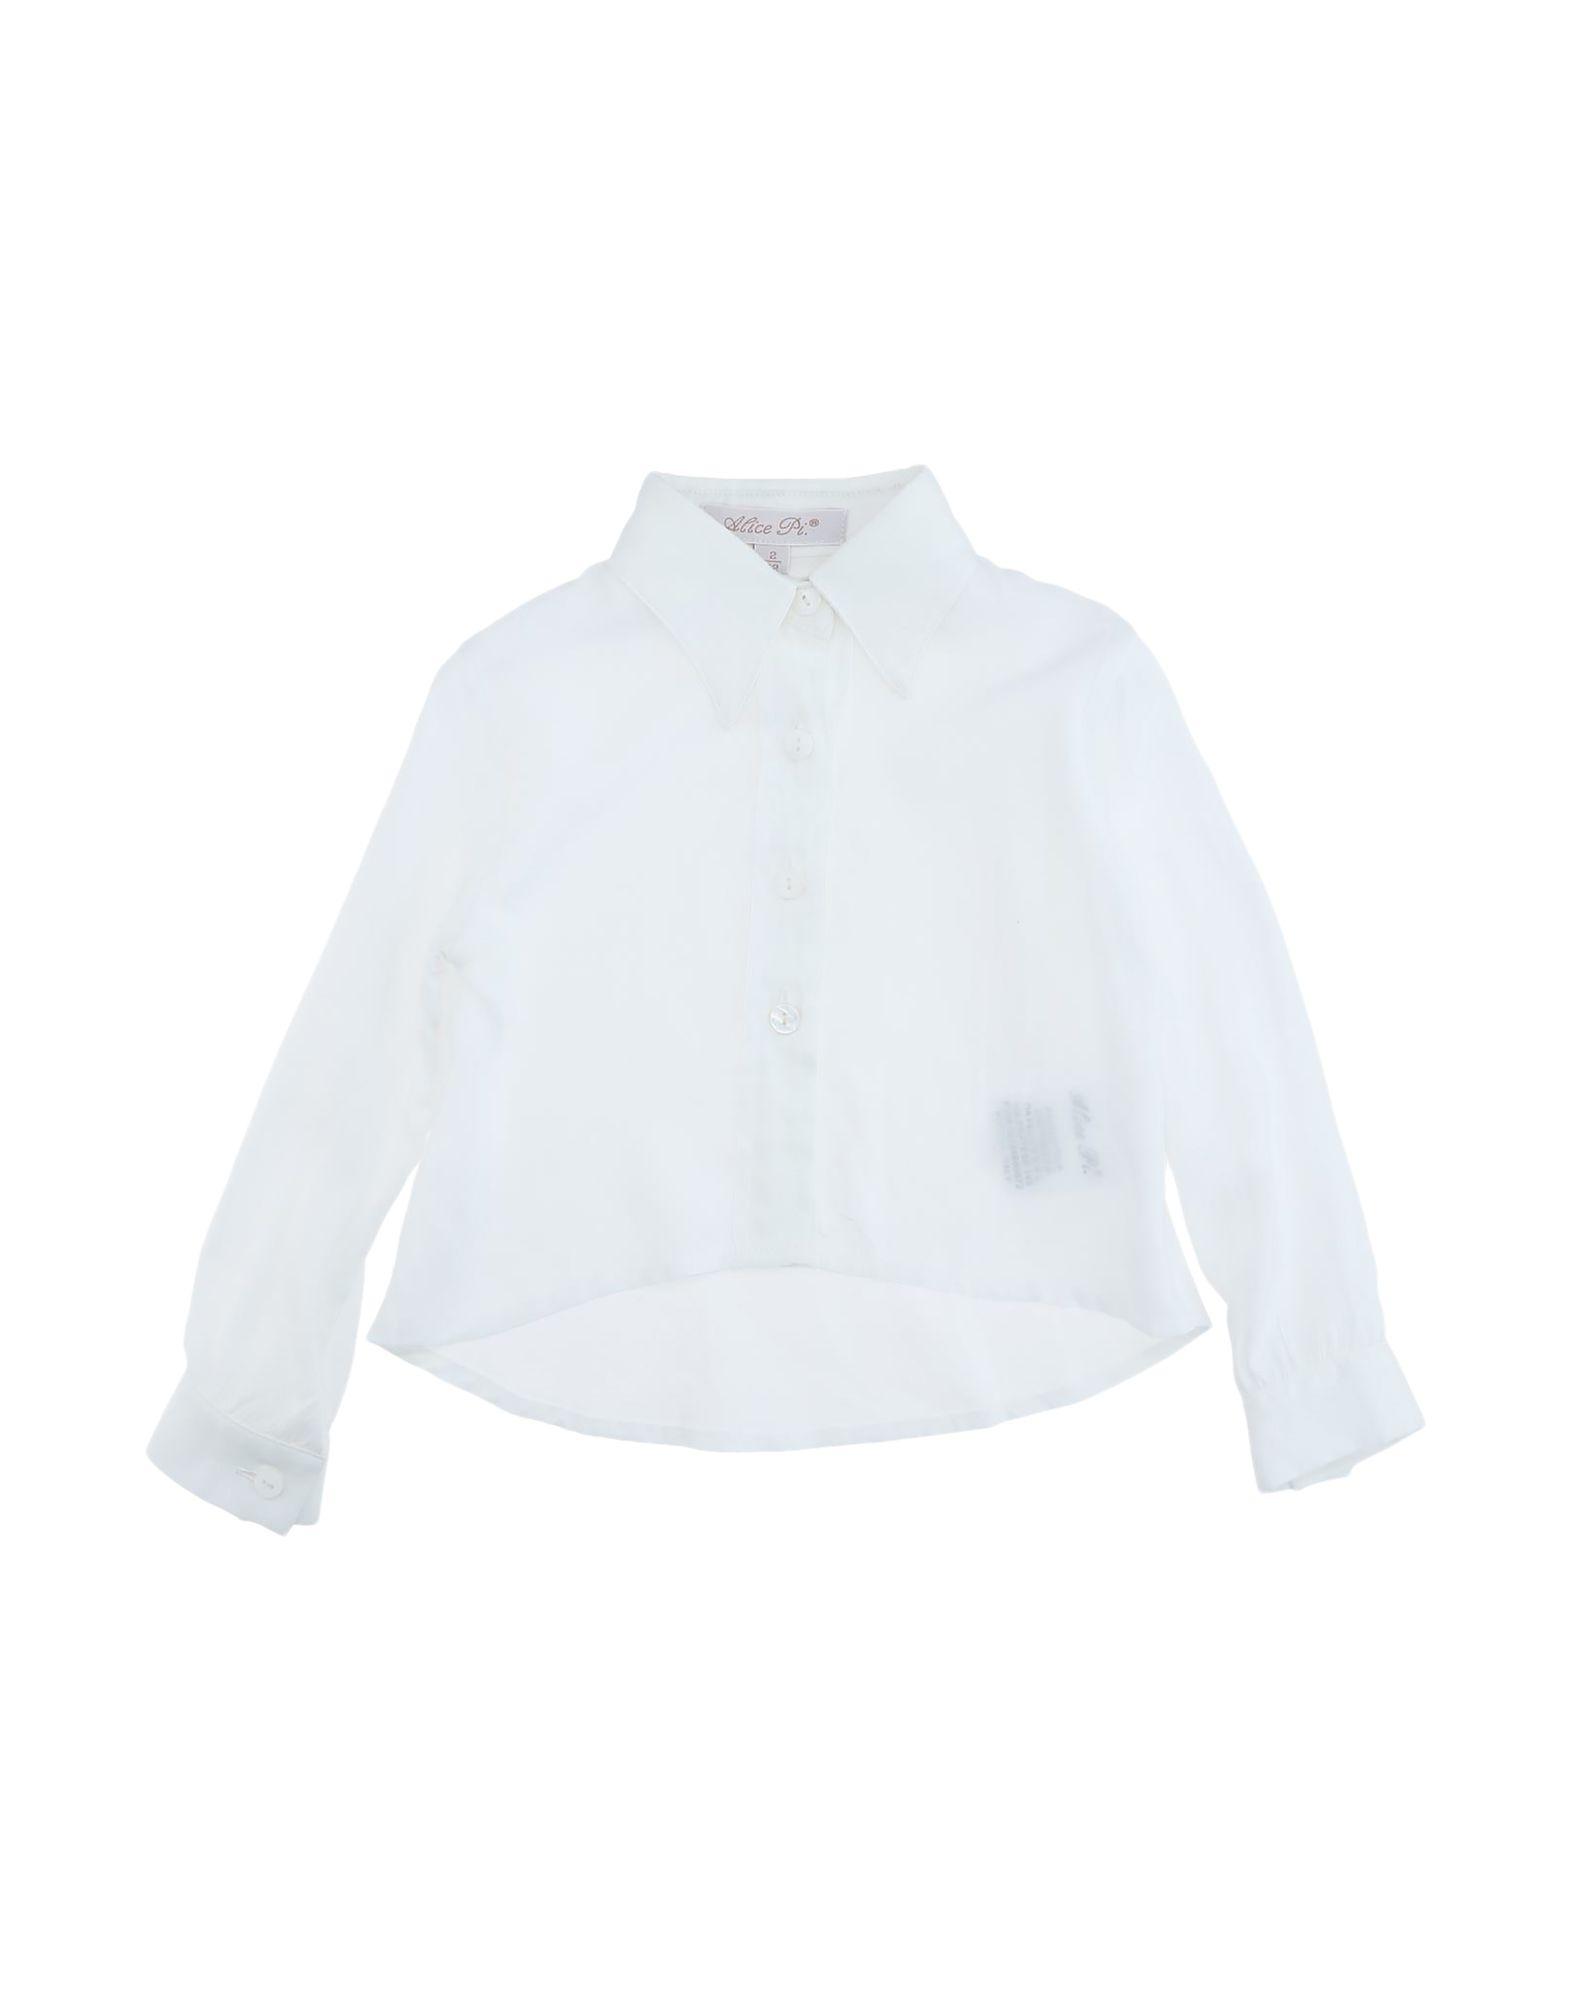 Alice Pi. Kids' Shirts In White